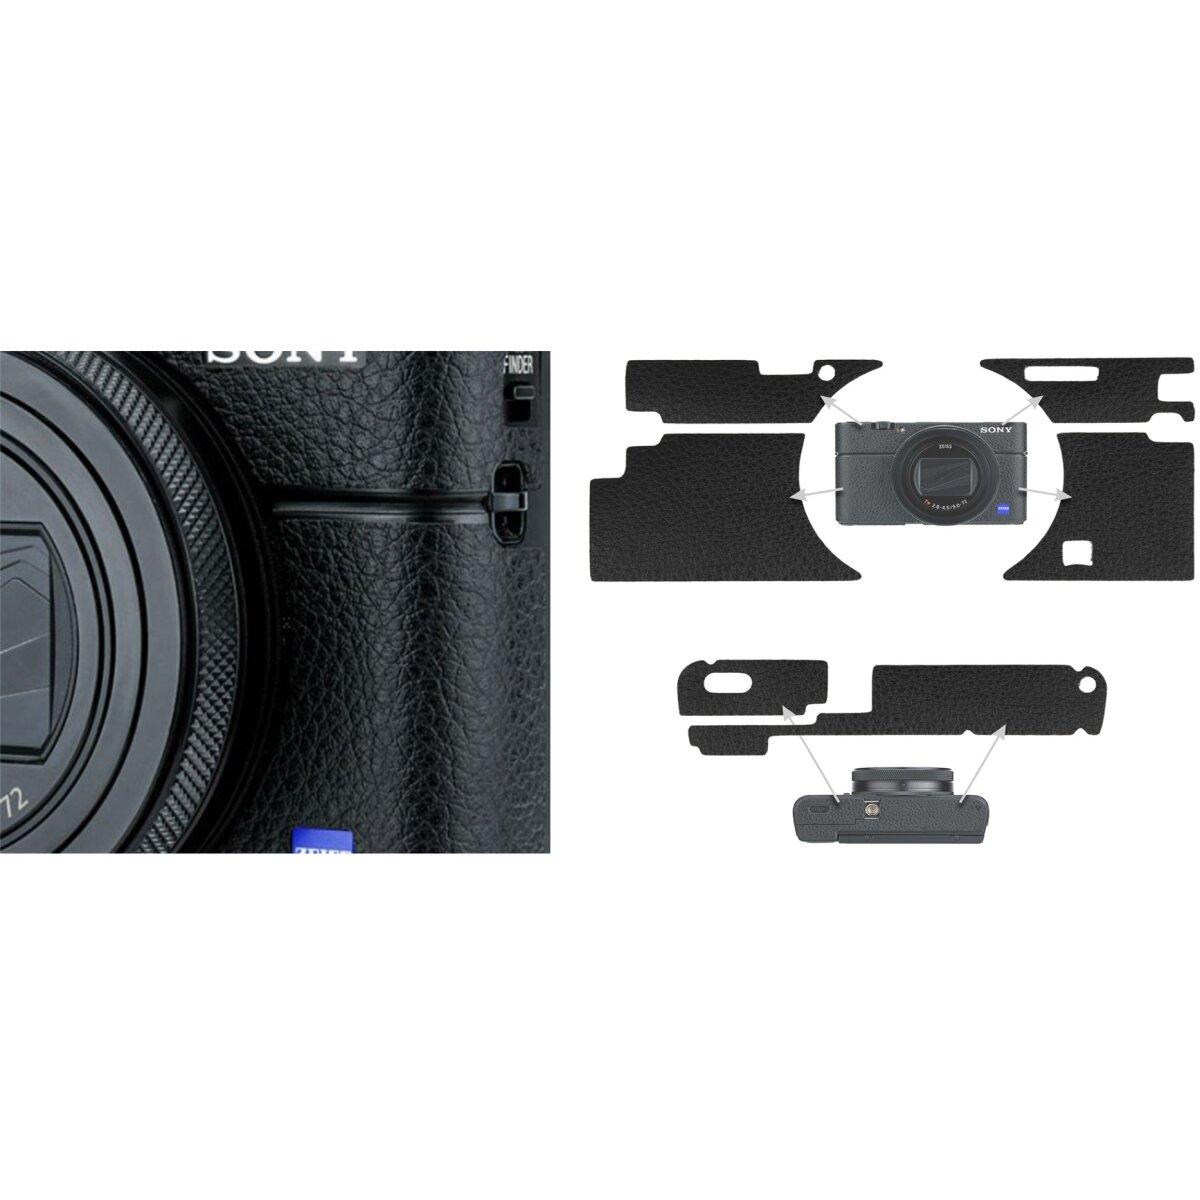 Impulsfoto KIWIFOTOS Kamera-Aufkleber Lederdekoration   Für Ausgewählte Sony-Kameras   Maßgeschneidertes Design   Schutz und Bessere Griffigkeit   Kompatibel für Sony RX100 VI